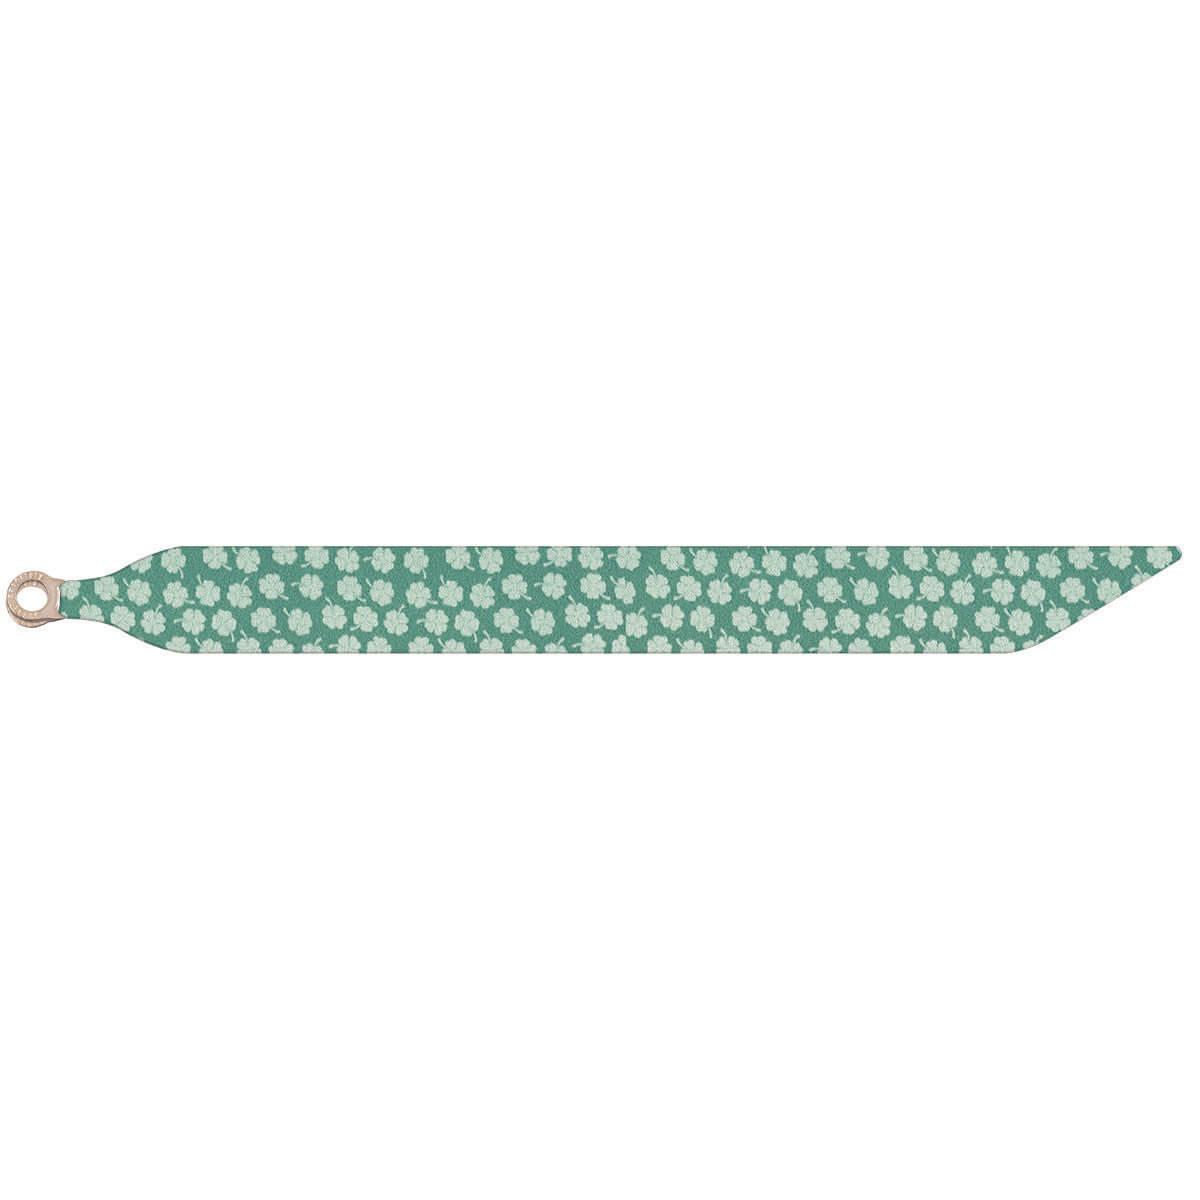 bracelet porte-bonheur - Chance - Cénélia